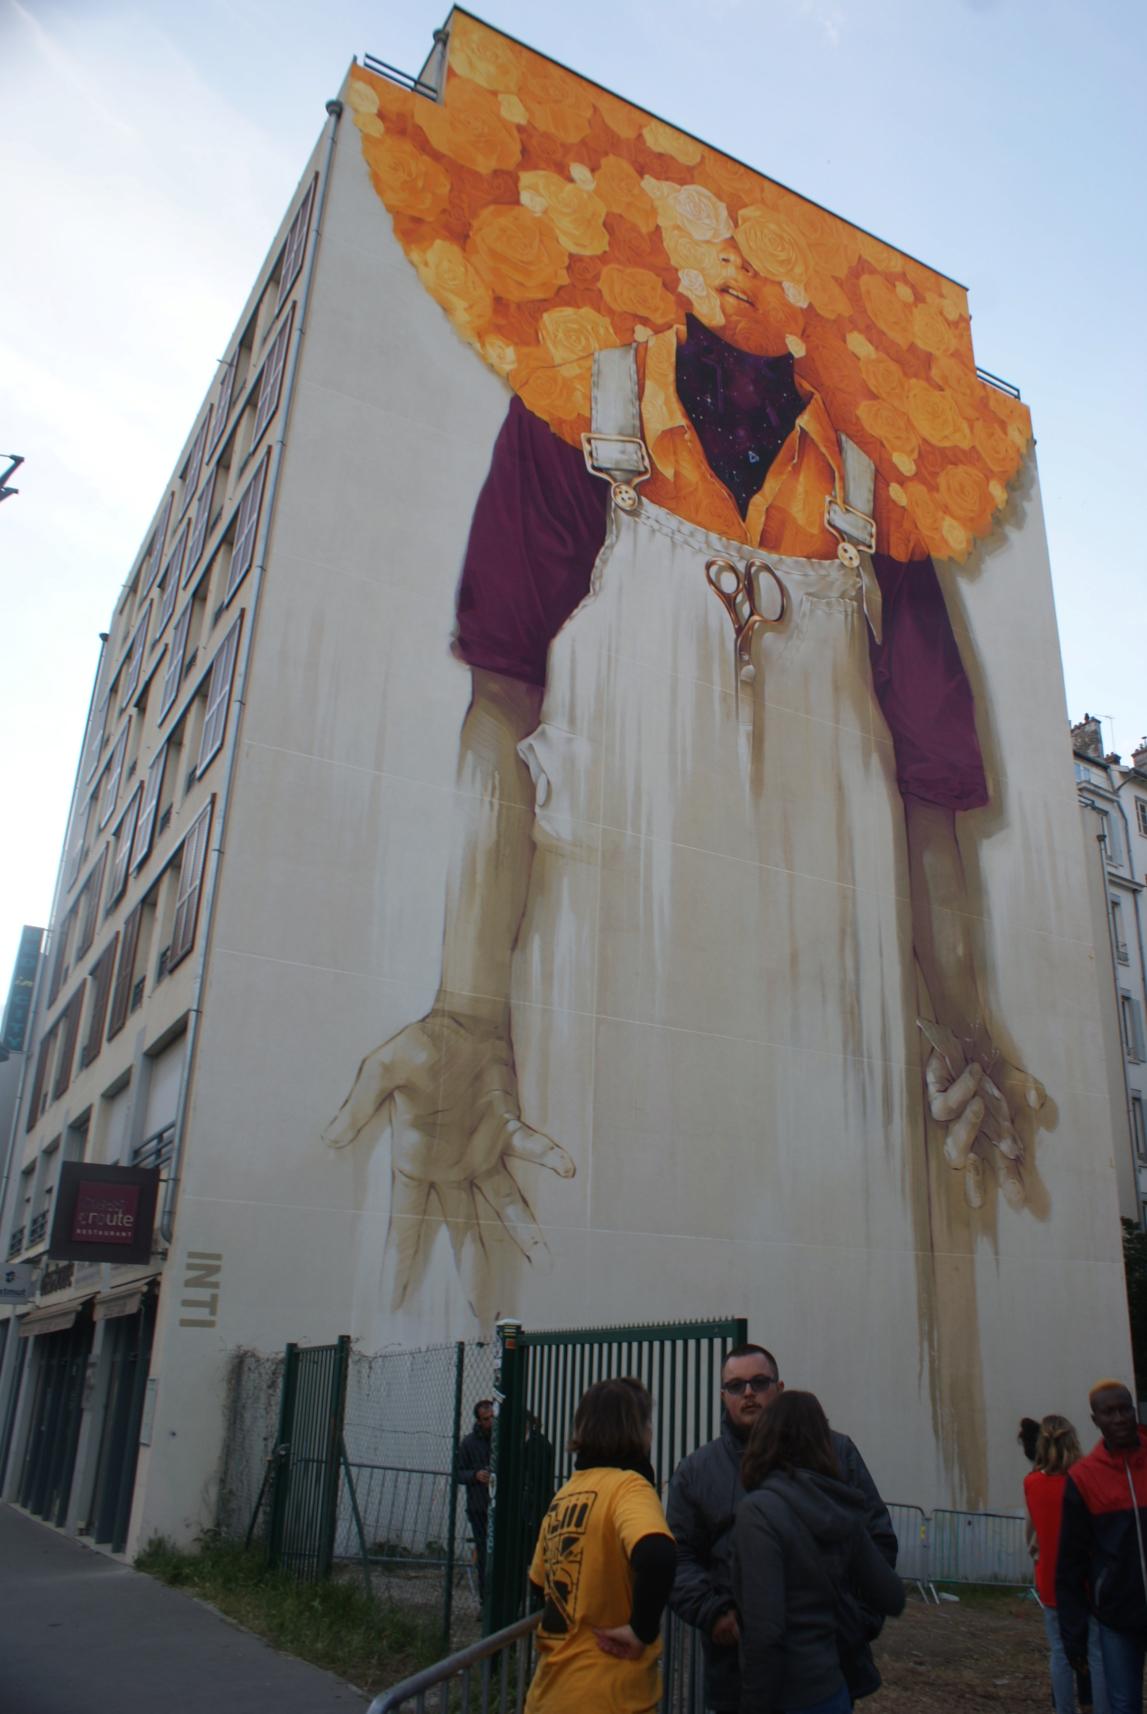 [street art-rue et manifs] Peinture fraîche, à Lyon 2019 et 2020 - Page 3 Dsc05019